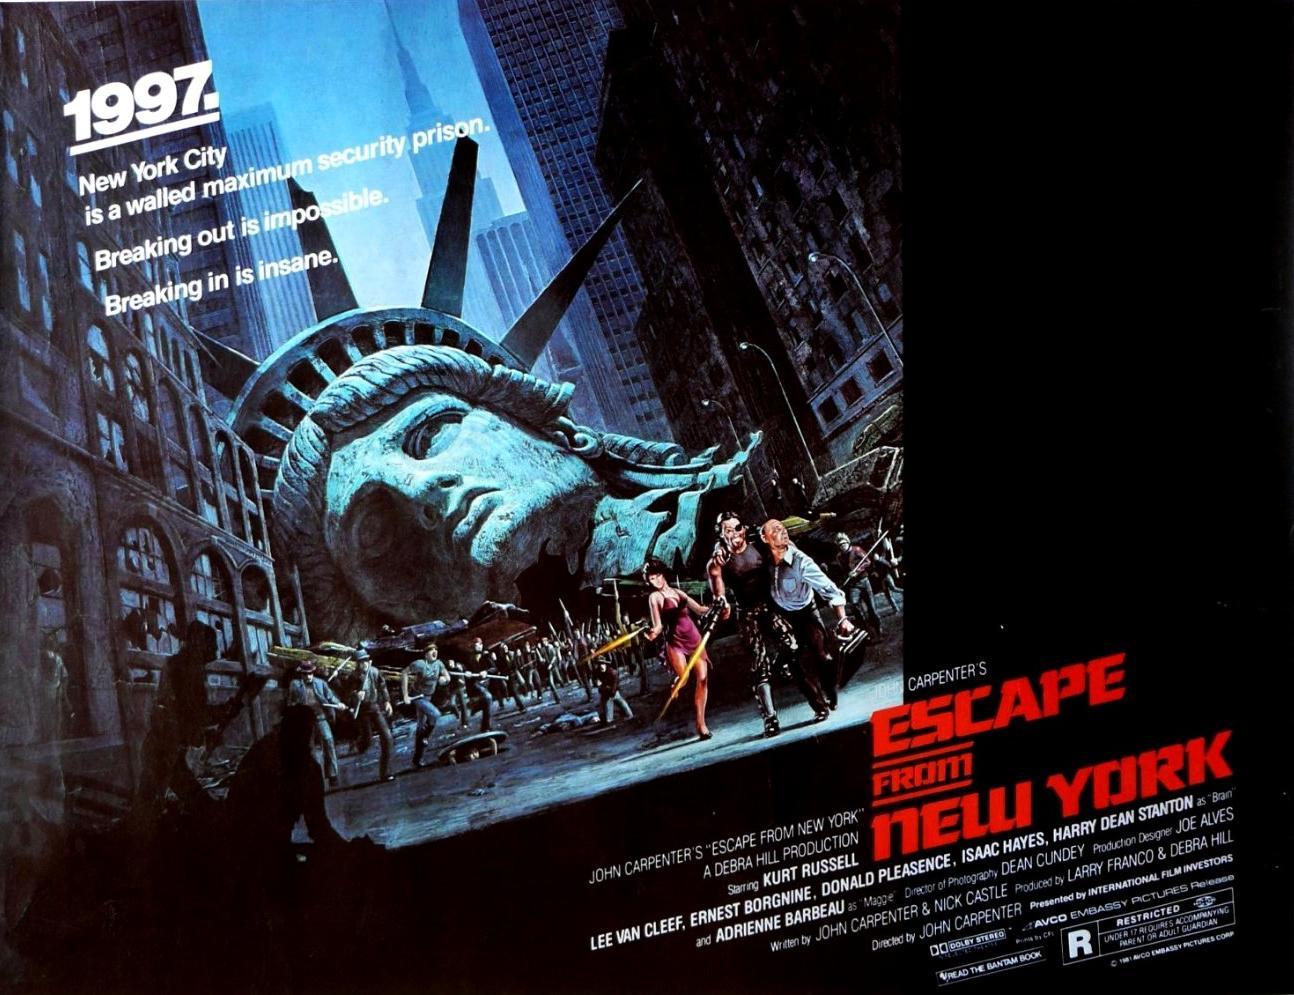 مشاهدة فيلم Escape From New York 1981 HD مترجم كامل اون لاين